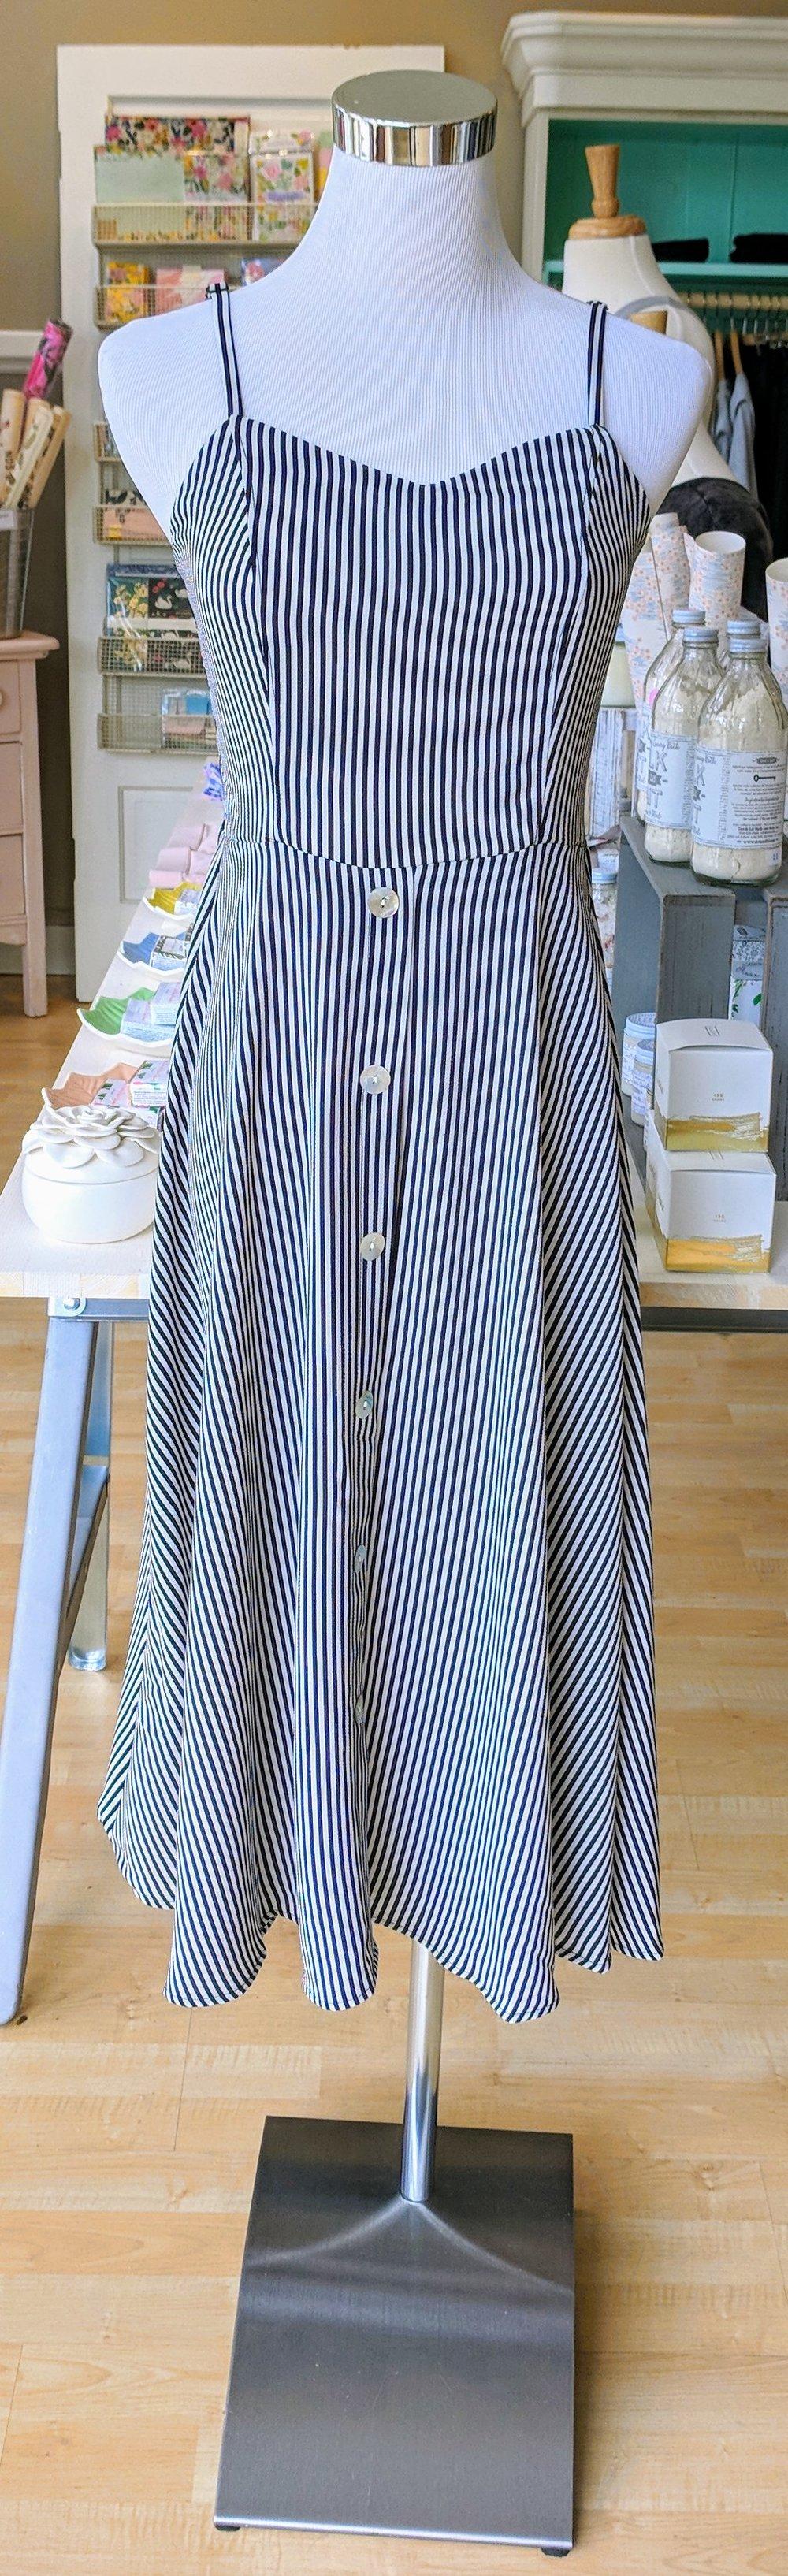 Pin stripe tank dress.